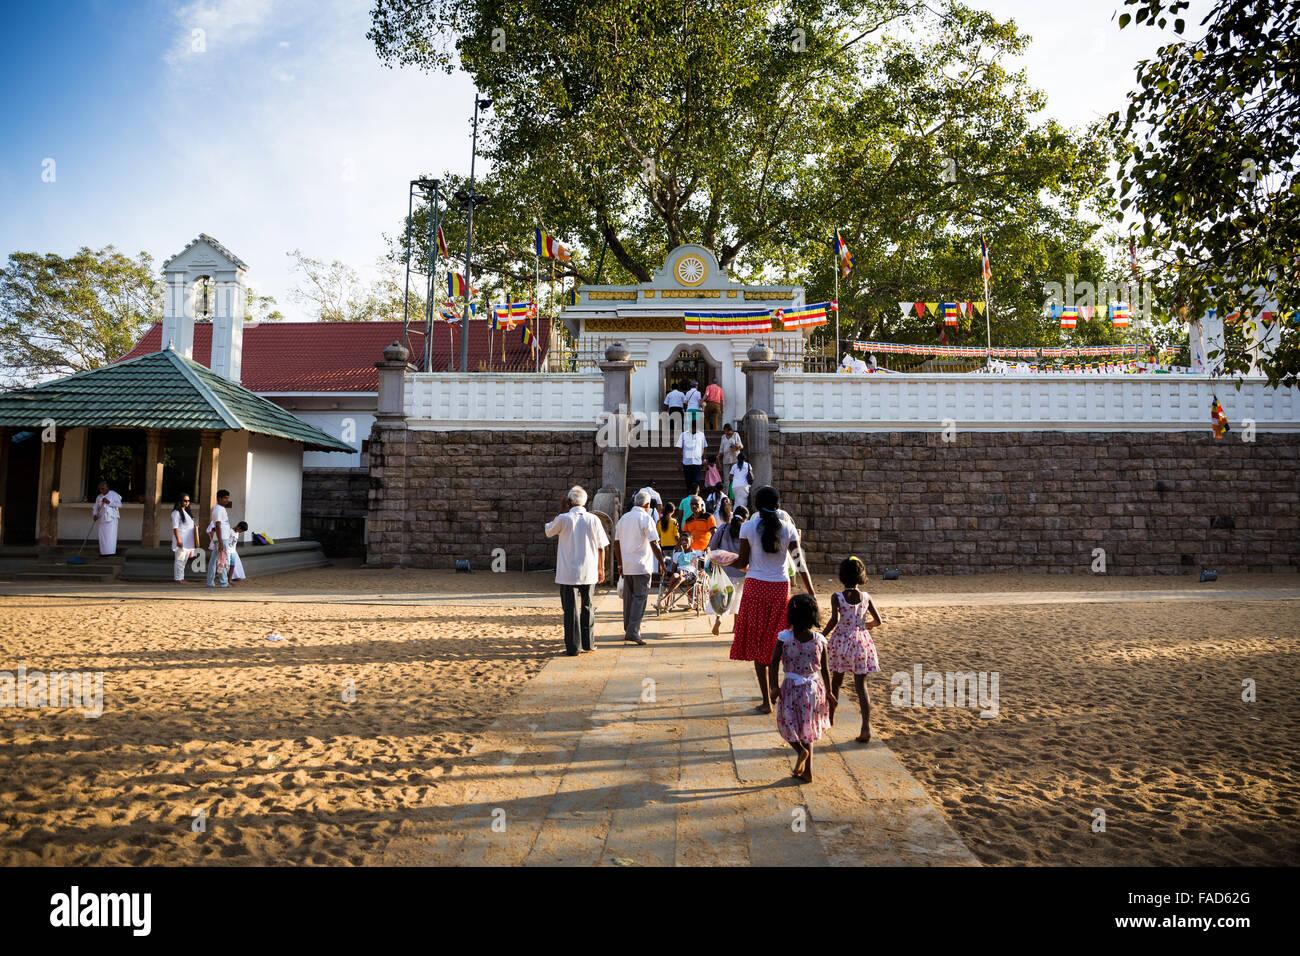 People Praying At Sri Maha Bodhi Sacred Bodhi Tree